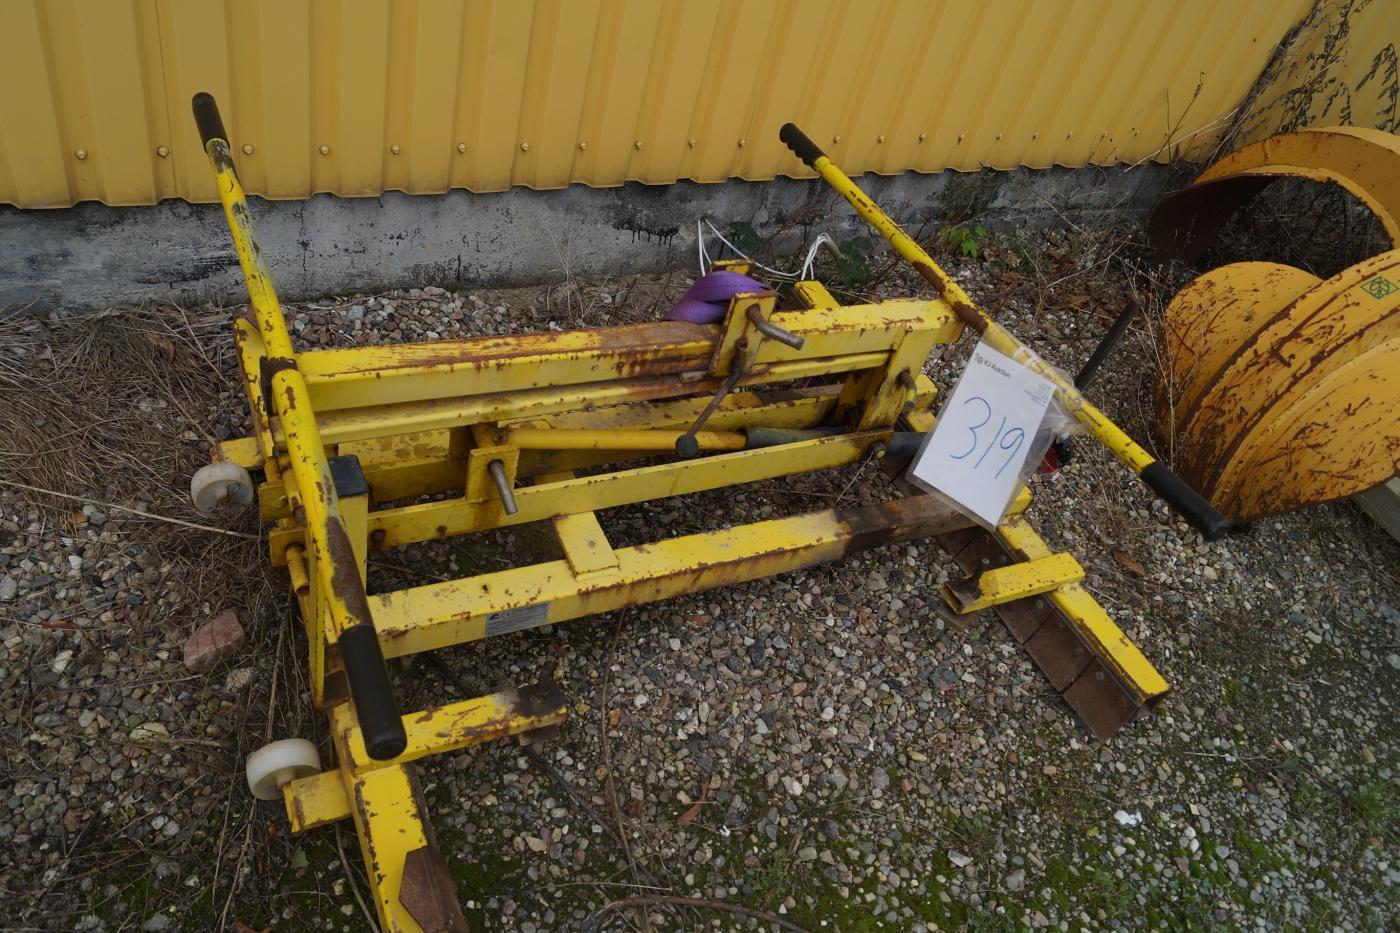 Belægningstang til store enheder Minigraver. TC48.2 - KJ Auktion - Maskinauktioner